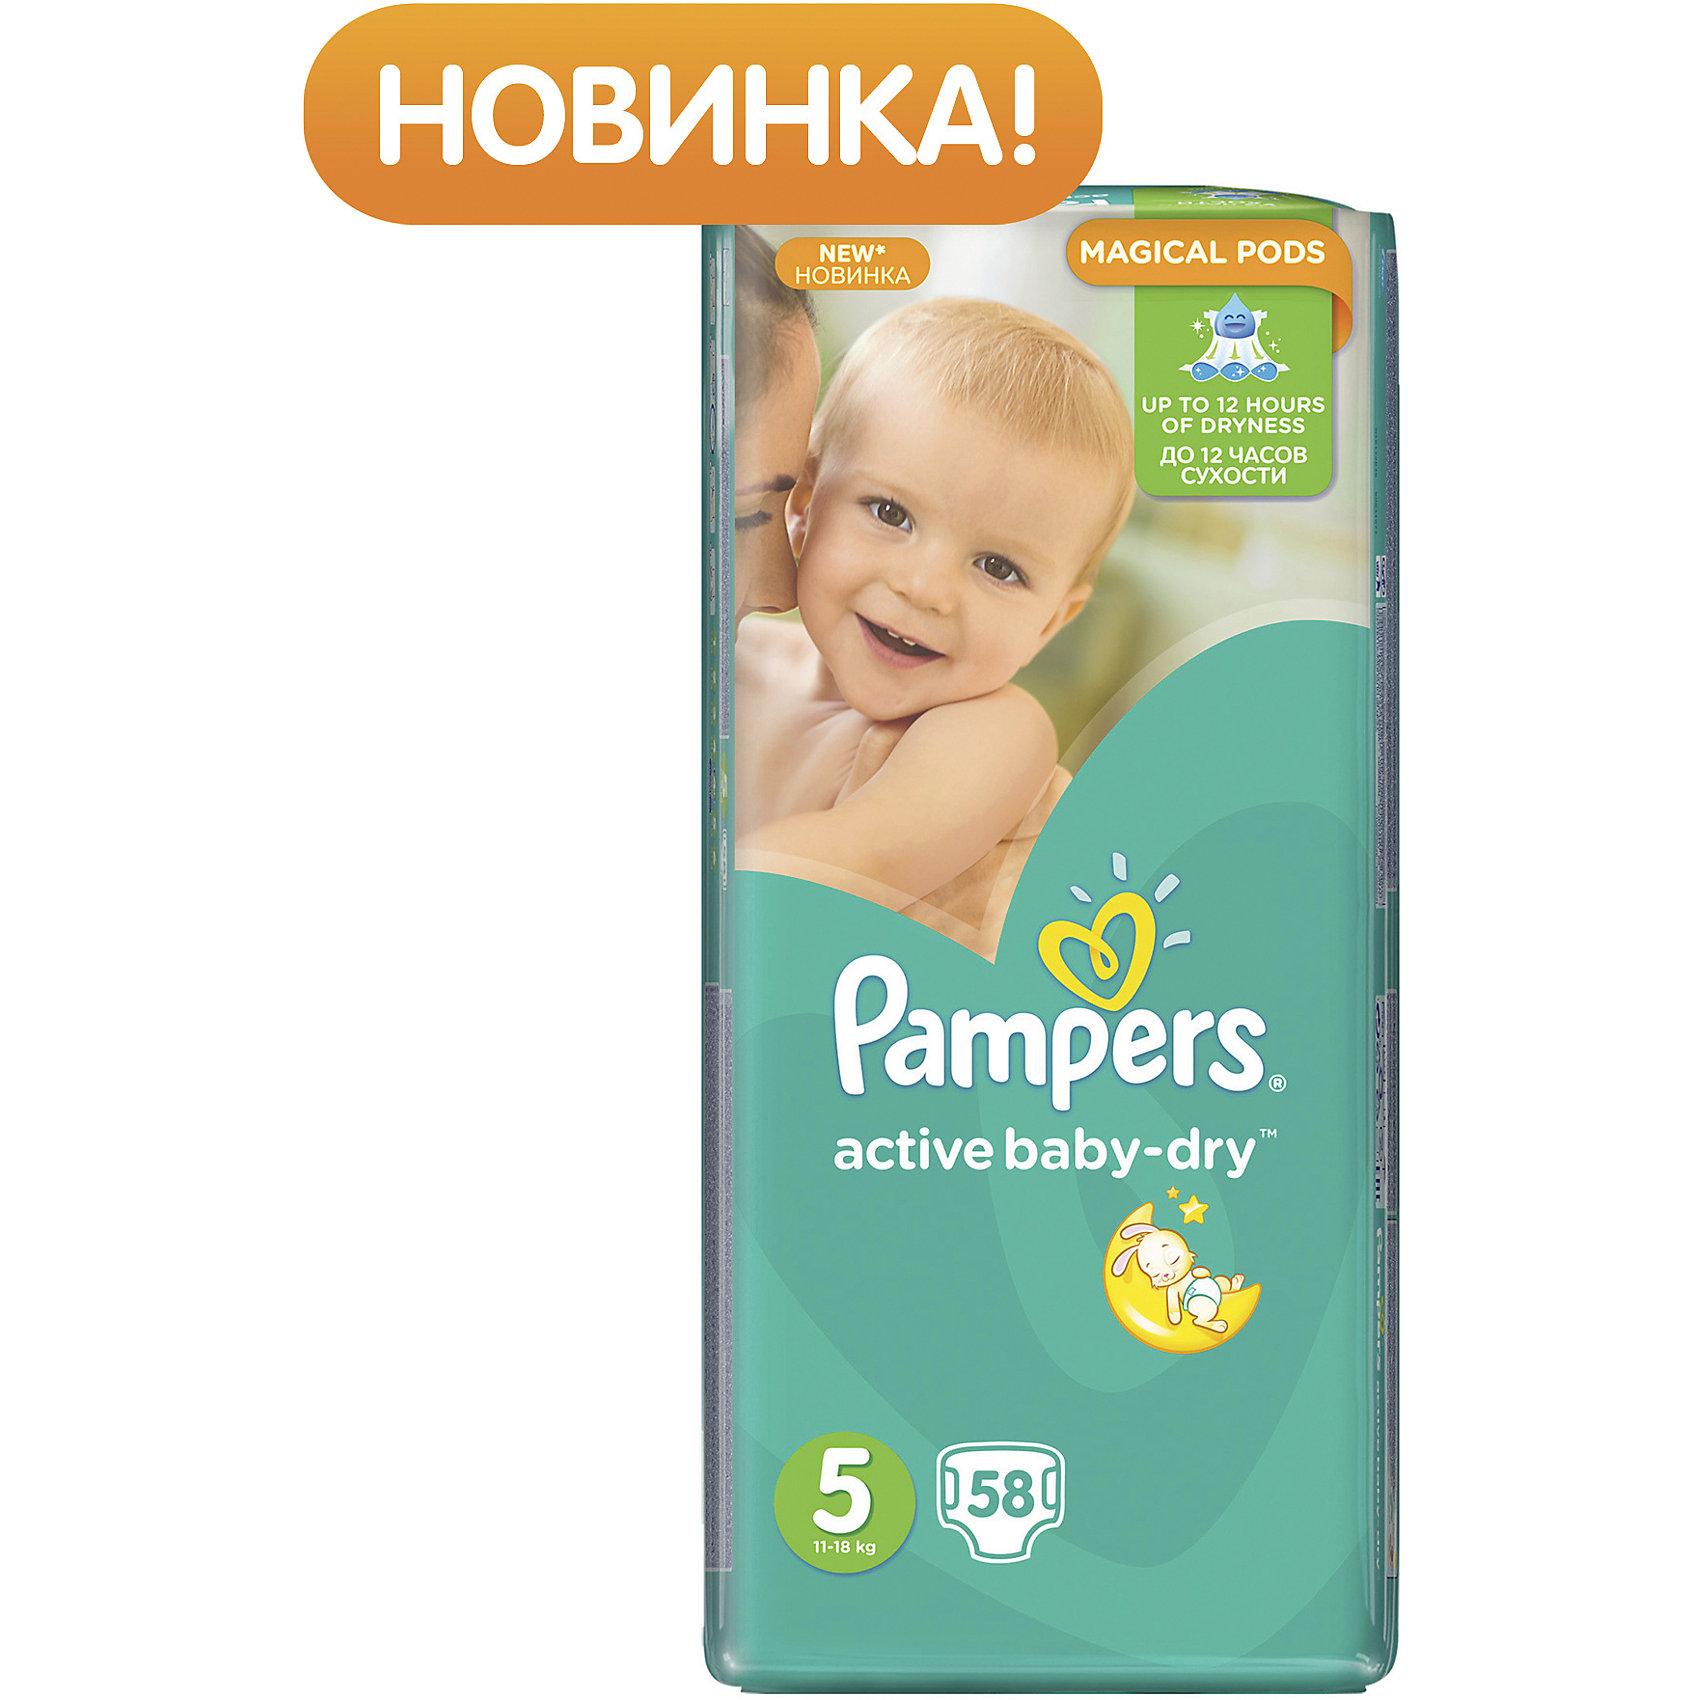 Подгузники Pampers Active Baby-Dry, 11-18 кг, 5 размер, 58 шт., PampersХарактеристики:<br><br>• Пол: универсальный<br>• Тип подгузника: одноразовый<br>• Коллекция: Active Baby-Dry<br>• Предназначение: для использования в любое время суток <br>• Размер: 5<br>• Вес ребенка: от 11 до 18 кг<br>• Количество в упаковке: 58 шт.<br>• Упаковка: пакет<br>• Размер упаковки: 24,8*11,8*45 см<br>• Вес в упаковке: 2 кг 160 г<br>• Эластичные застежки-липучки<br>• Быстро впитывающий слой<br>• Мягкий верхний слой<br>• Сохранение сухости в течение 12-ти часов<br><br>Подгузники Pampers Active Baby-Dry, 11-18 кг, 5 размер, 58 шт., Pampers – это линейка классических детских подгузников от Pampers, которая сочетает в себе качество и безопасность материалов, удобство использования и комфорт для нежной кожи малыша. Подгузники предназначены для детей весом до 18 кг. Инновационные технологии и современные материалы обеспечивают этим подгузникам Дышащие свойства, что особенно важно для кожи малыша. <br><br>Впитывающие свойства изделию обеспечивает уникальный слой, состоящий из жемчужных микрогранул. У подгузников предусмотрена эластичная мягкая резиночка на спинке. Широкие липучки с двух сторон обеспечивают надежную фиксацию. Подгузник имеет мягкий верхний слой, который обеспечивает не только комфорт, но и защищает кожу ребенка от раздражений. Подгузник подходит как для мальчиков, так и для девочек. <br><br>Подгузники Pampers Active Baby-Dry, 11-18 кг, 5 размер, 58 шт., Pampers можно купить в нашем интернет-магазине.<br><br>Ширина мм: 248<br>Глубина мм: 118<br>Высота мм: 450<br>Вес г: 216<br>Возраст от месяцев: 12<br>Возраст до месяцев: 36<br>Пол: Унисекс<br>Возраст: Детский<br>SKU: 5419081